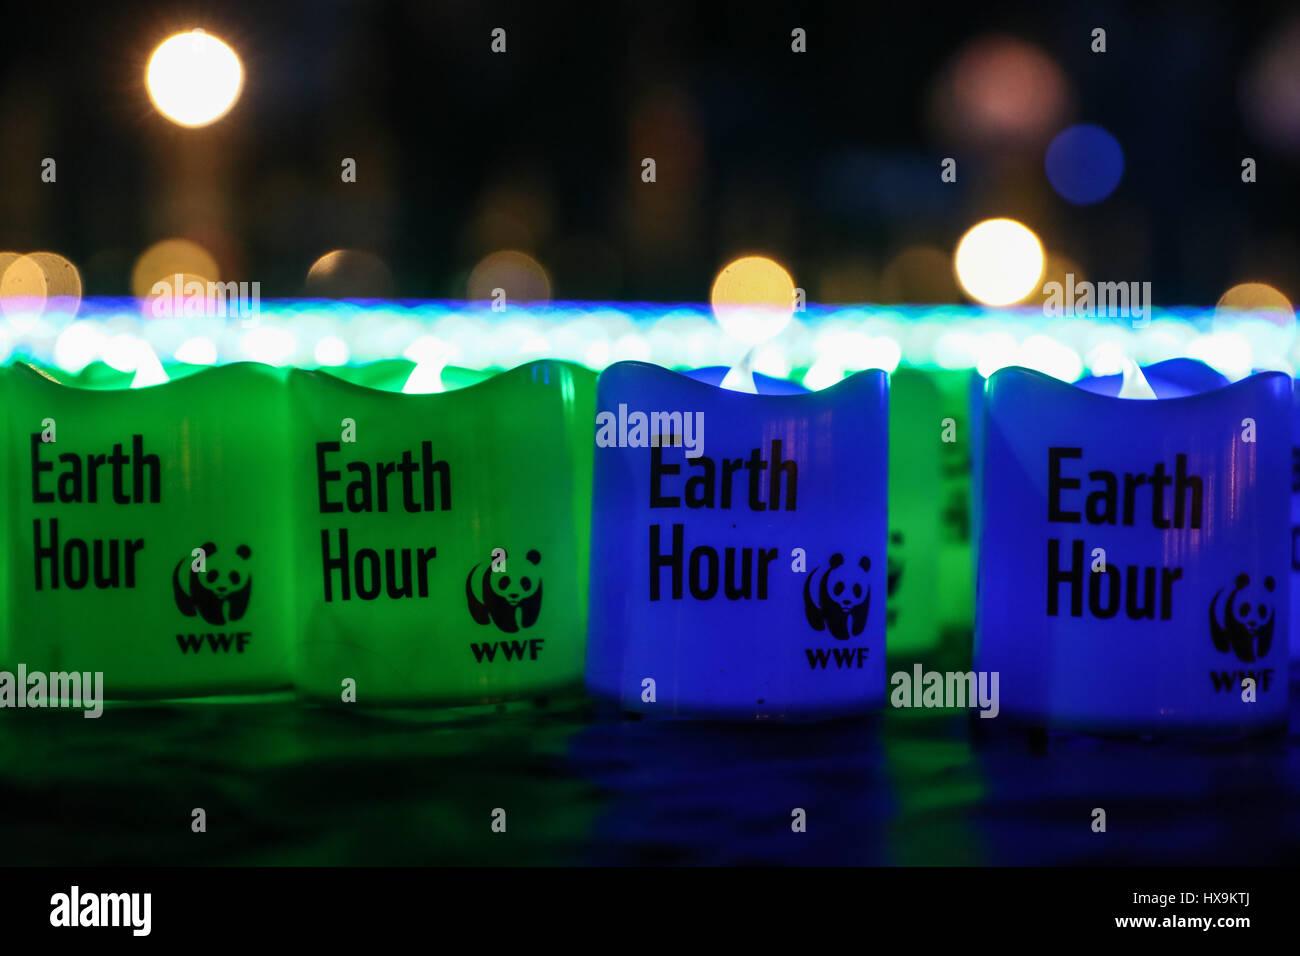 """Berlín. 25 Mar, 2017. Foto tomada el 25 de marzo de 2017 muestra luces con las palabras """"la hora de la tierra"""" colocado en el suelo para el evento anual de la hora de la tierra en Berlín, capital de Alemania. Crédito: Shan Yuqi/Xinhua/Alamy Live News Foto de stock"""